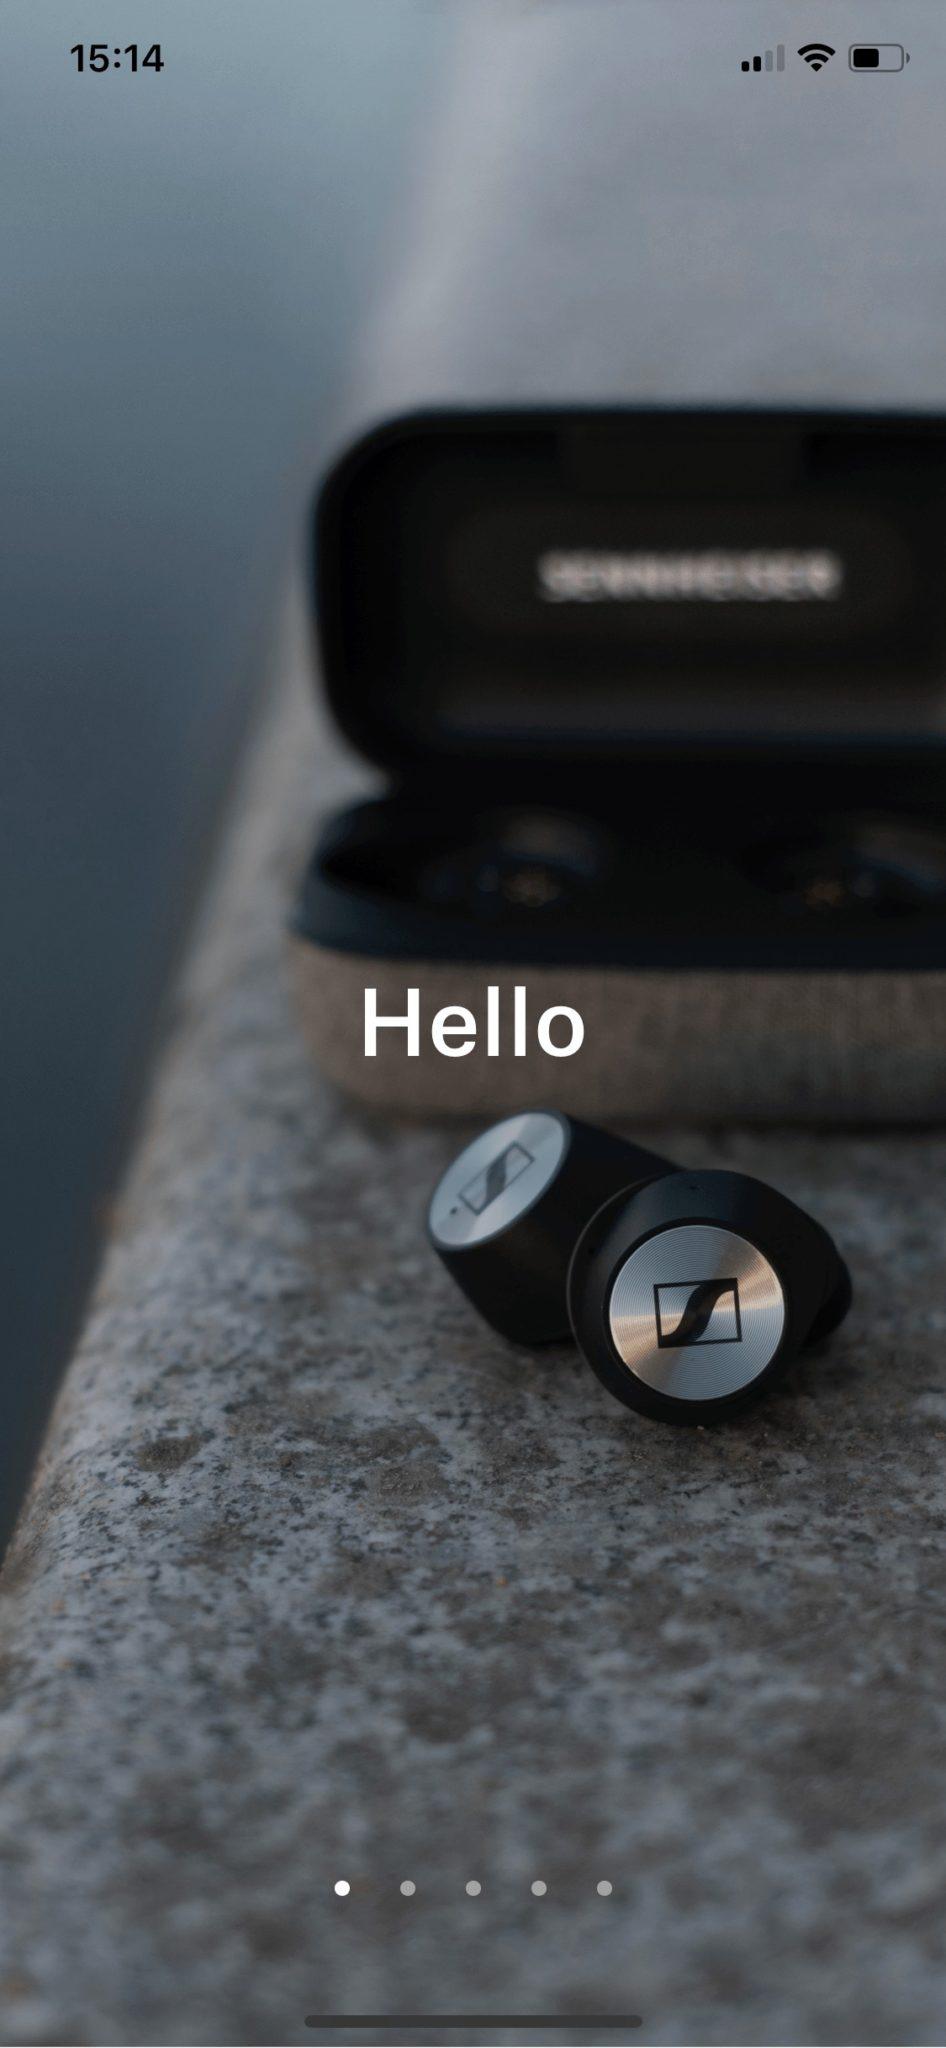 รีวิวหูฟังบลูทูธไร้สายแบบ Sennheiser Momentum True Wireless ดูดีมีคลาสสุดใน 2019 38 - bluetooth